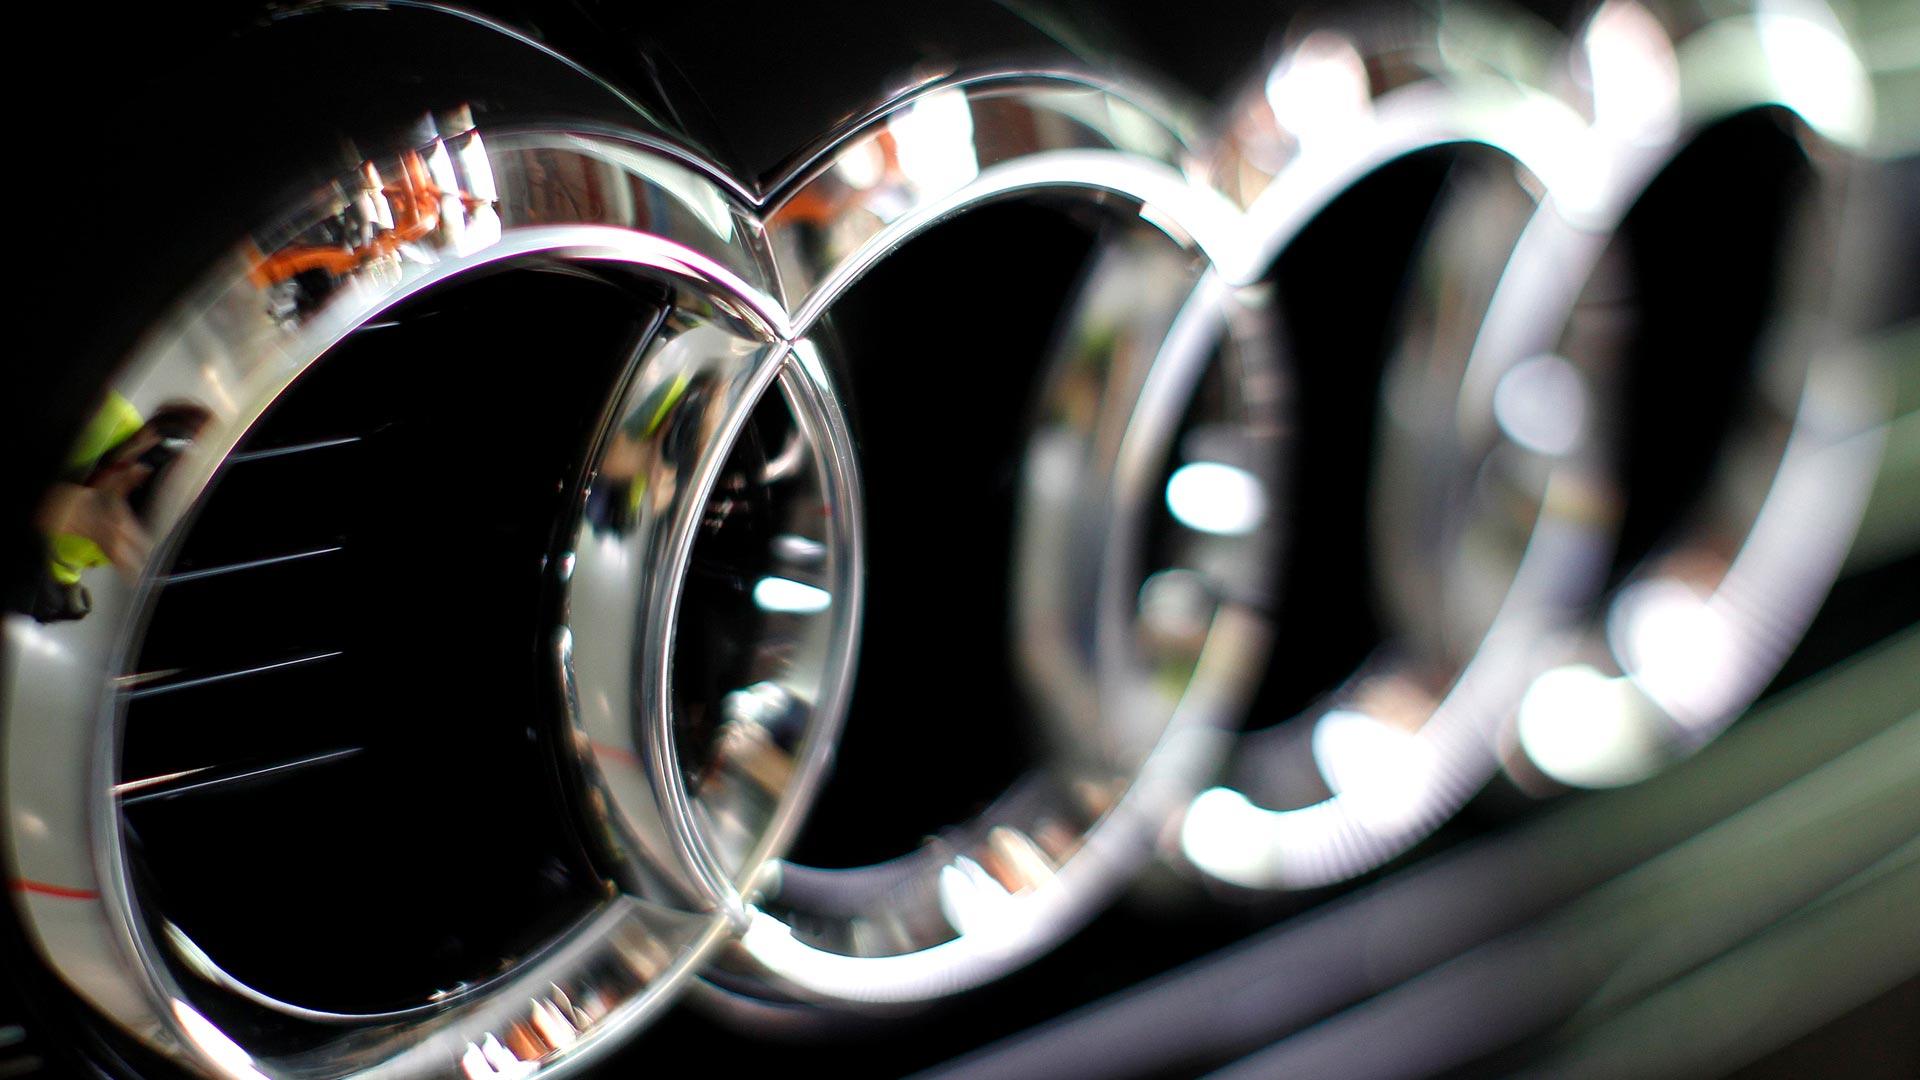 Audi Logo Full Hd Wallpaper Audi Car Full Hd 255503